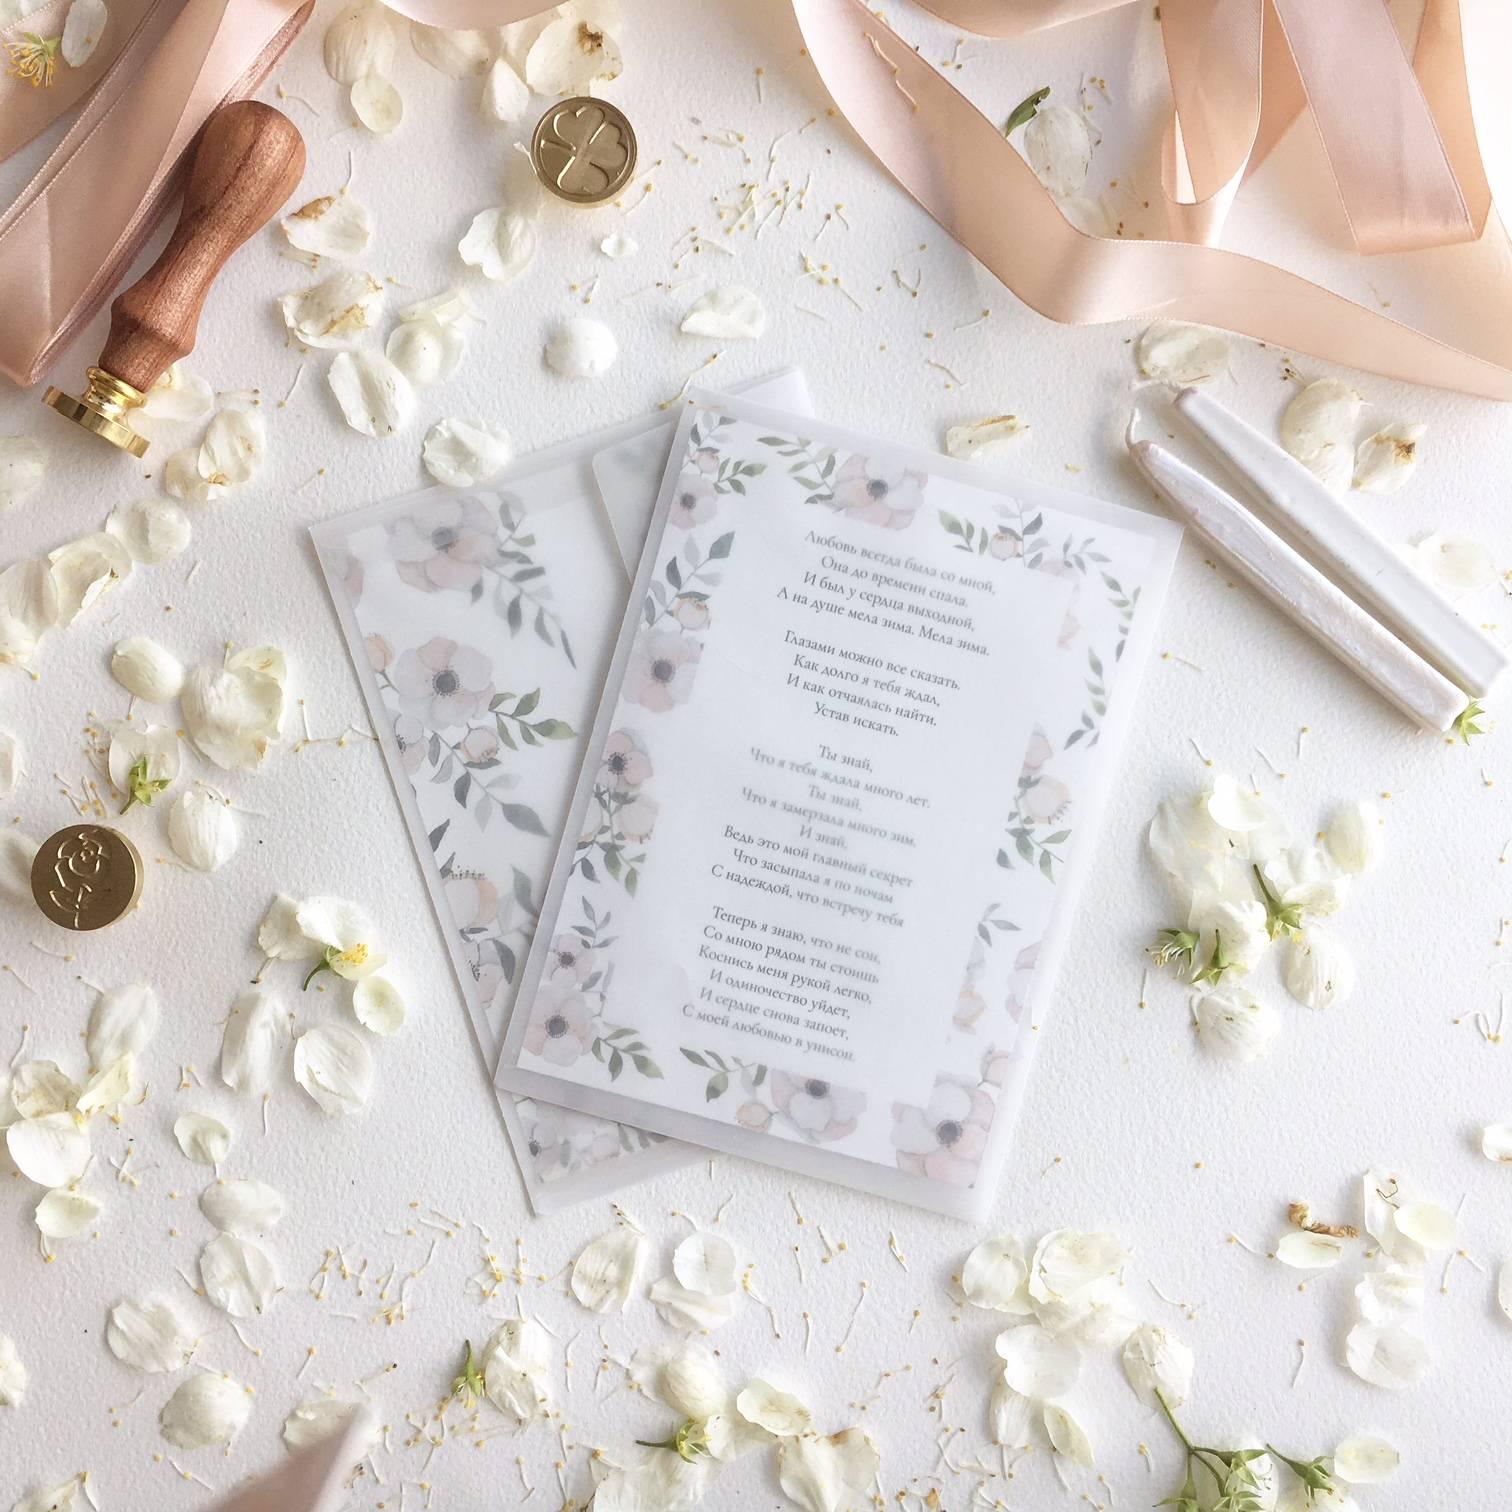 Свадебные клятвы молодожёнов: правила и секреты | идеи для свадьбы